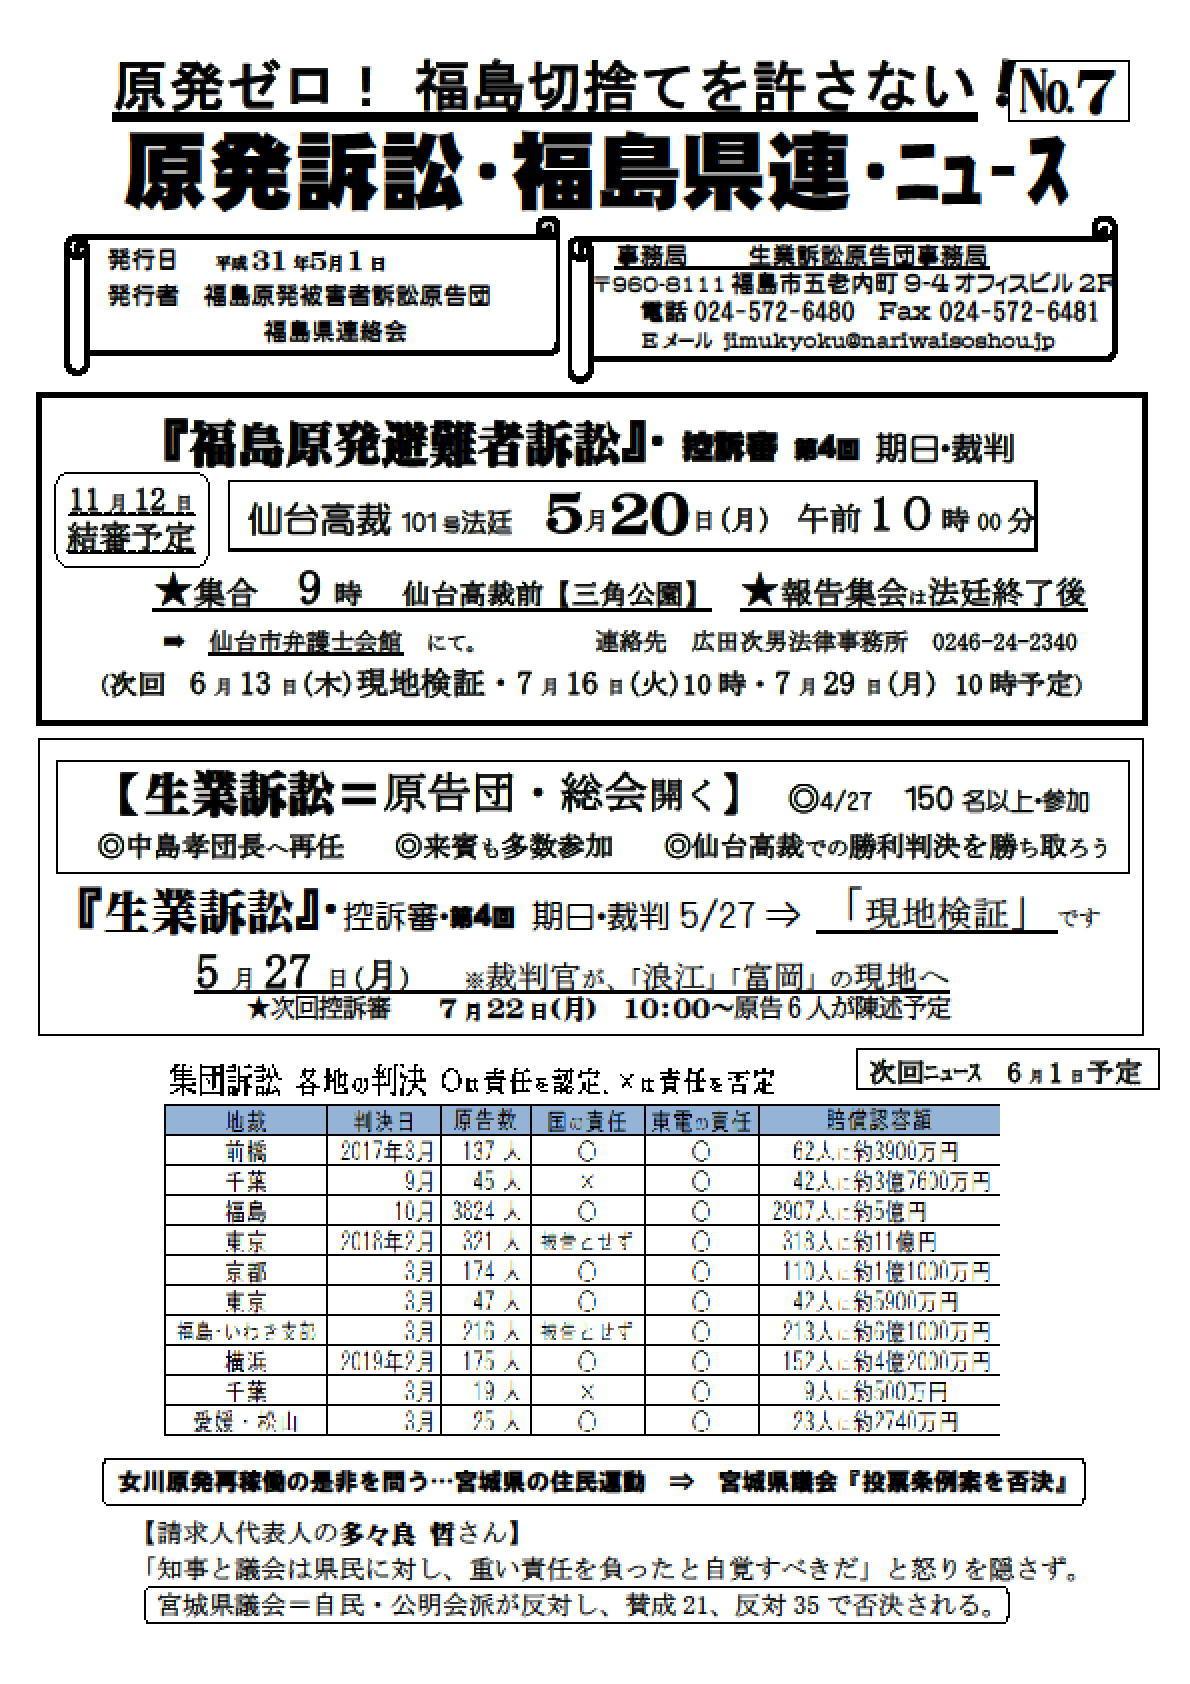 原発訴訟・福島県連・ニュース NO7_e0391248_11182032.jpg